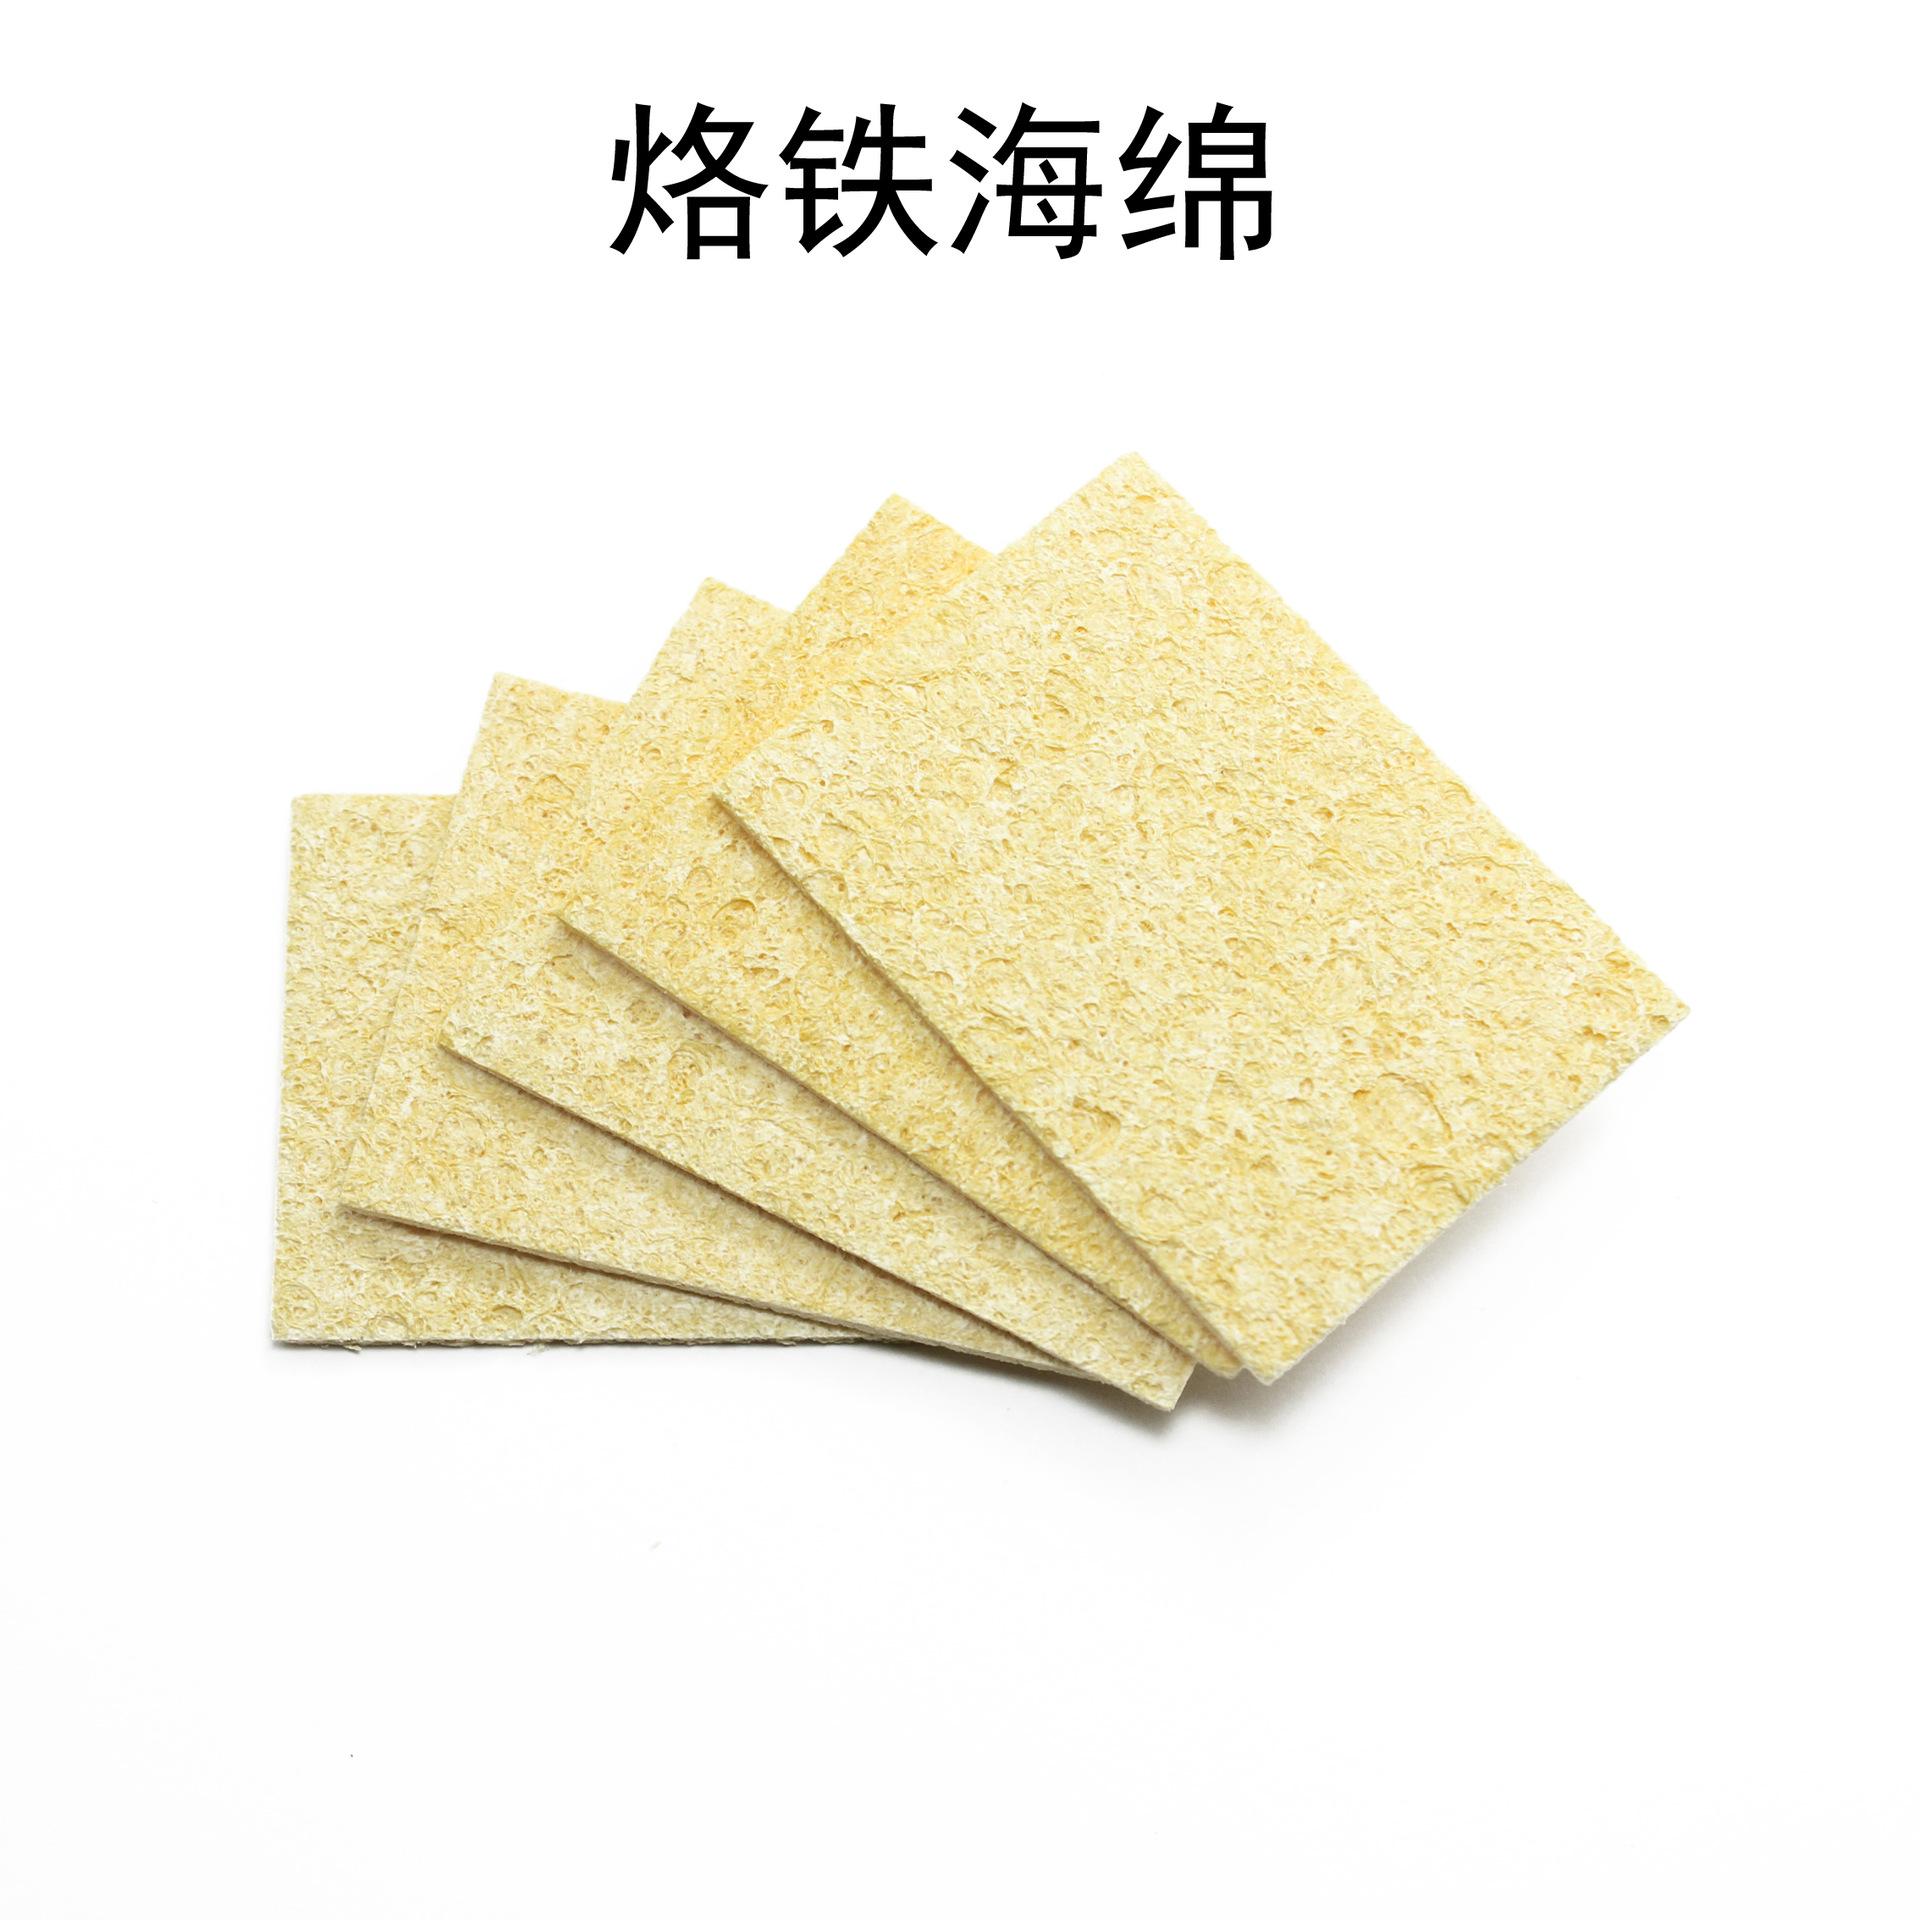 耐高温海棉 电烙铁烙铁头清洁海绵 长方形3.5CM*5CM